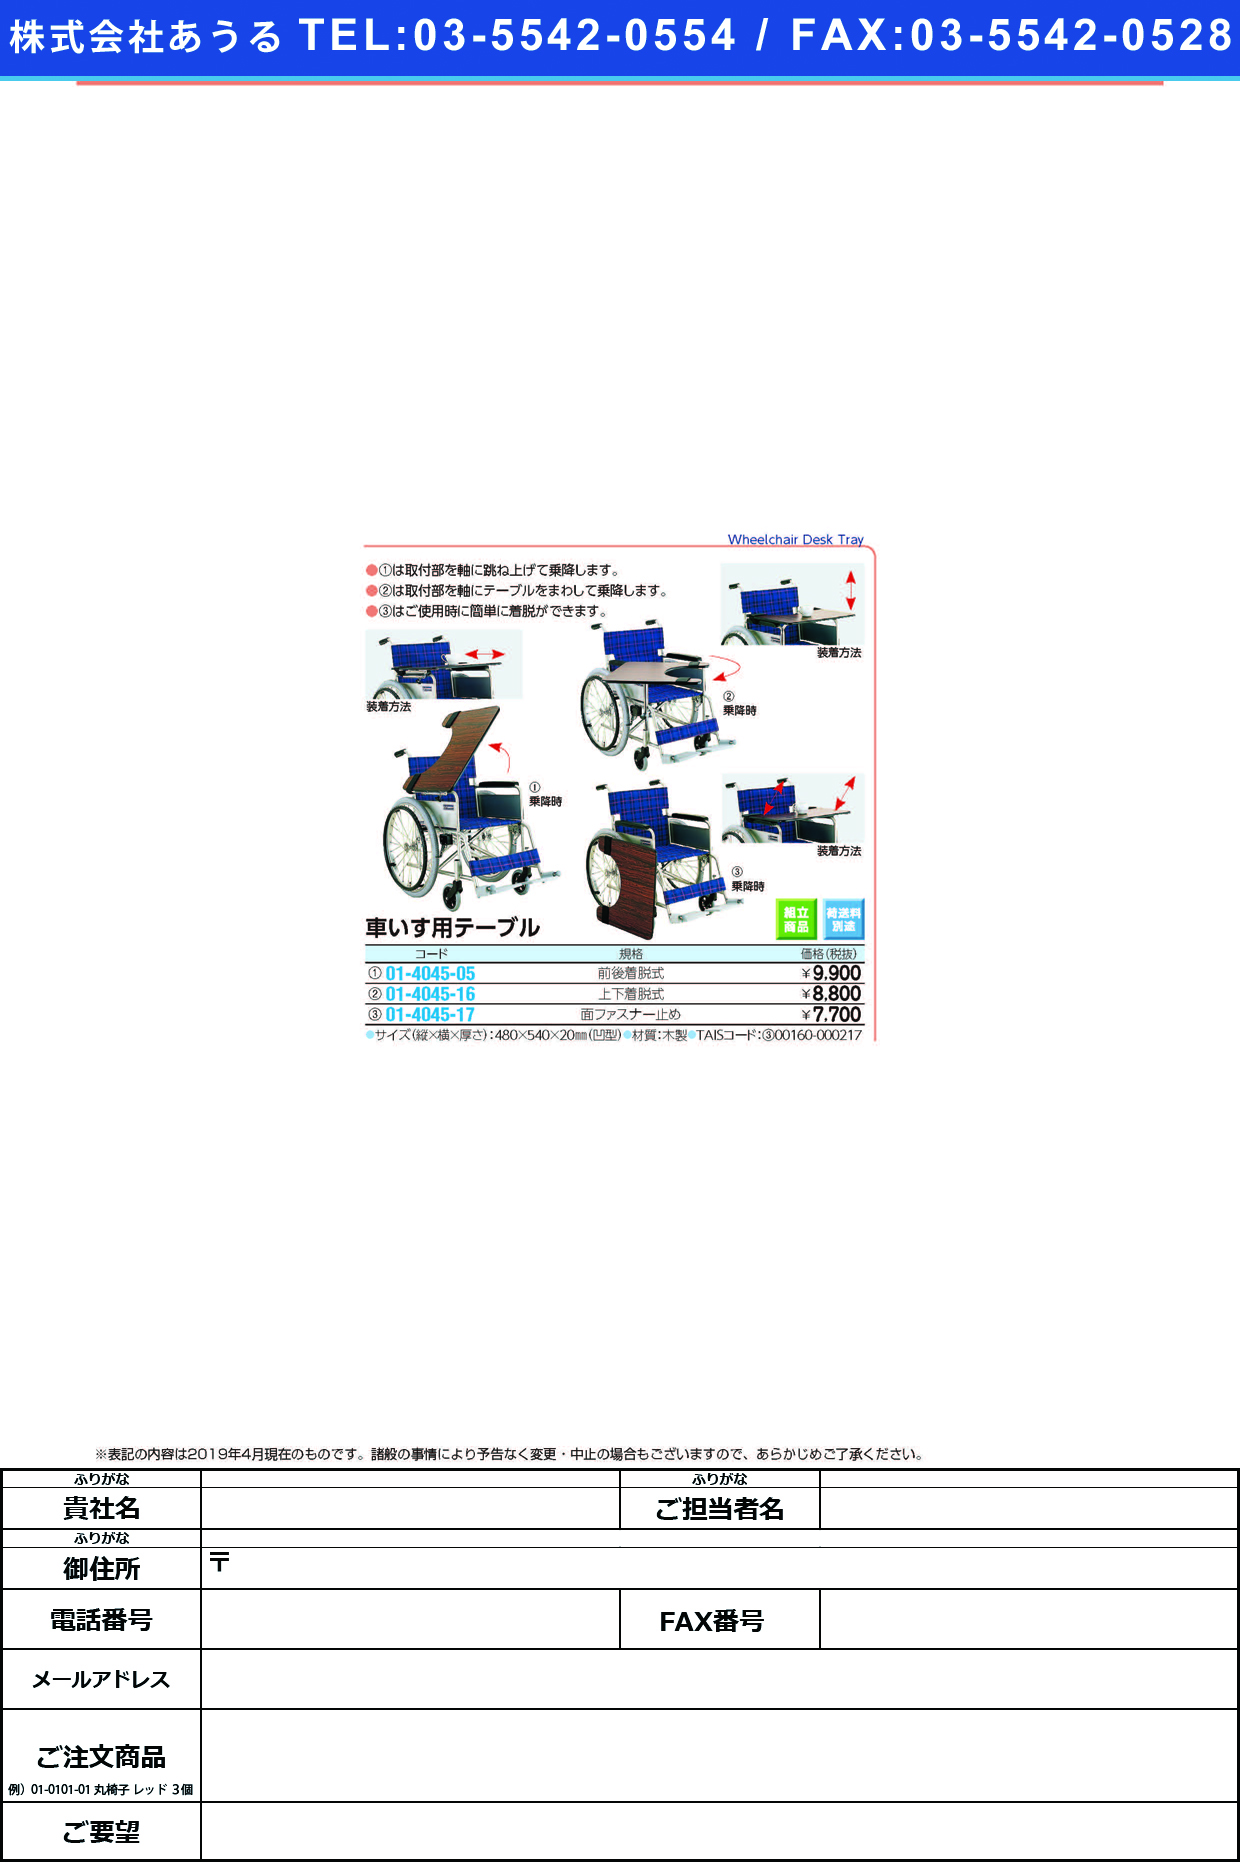 (01-4045-17)車いす用テーブル(面ファスナー止め) 54X48CM クルマイスヨウテーブル(メンファスナー(カワムラサイクル)【1枚単位】【2019年カタログ商品】